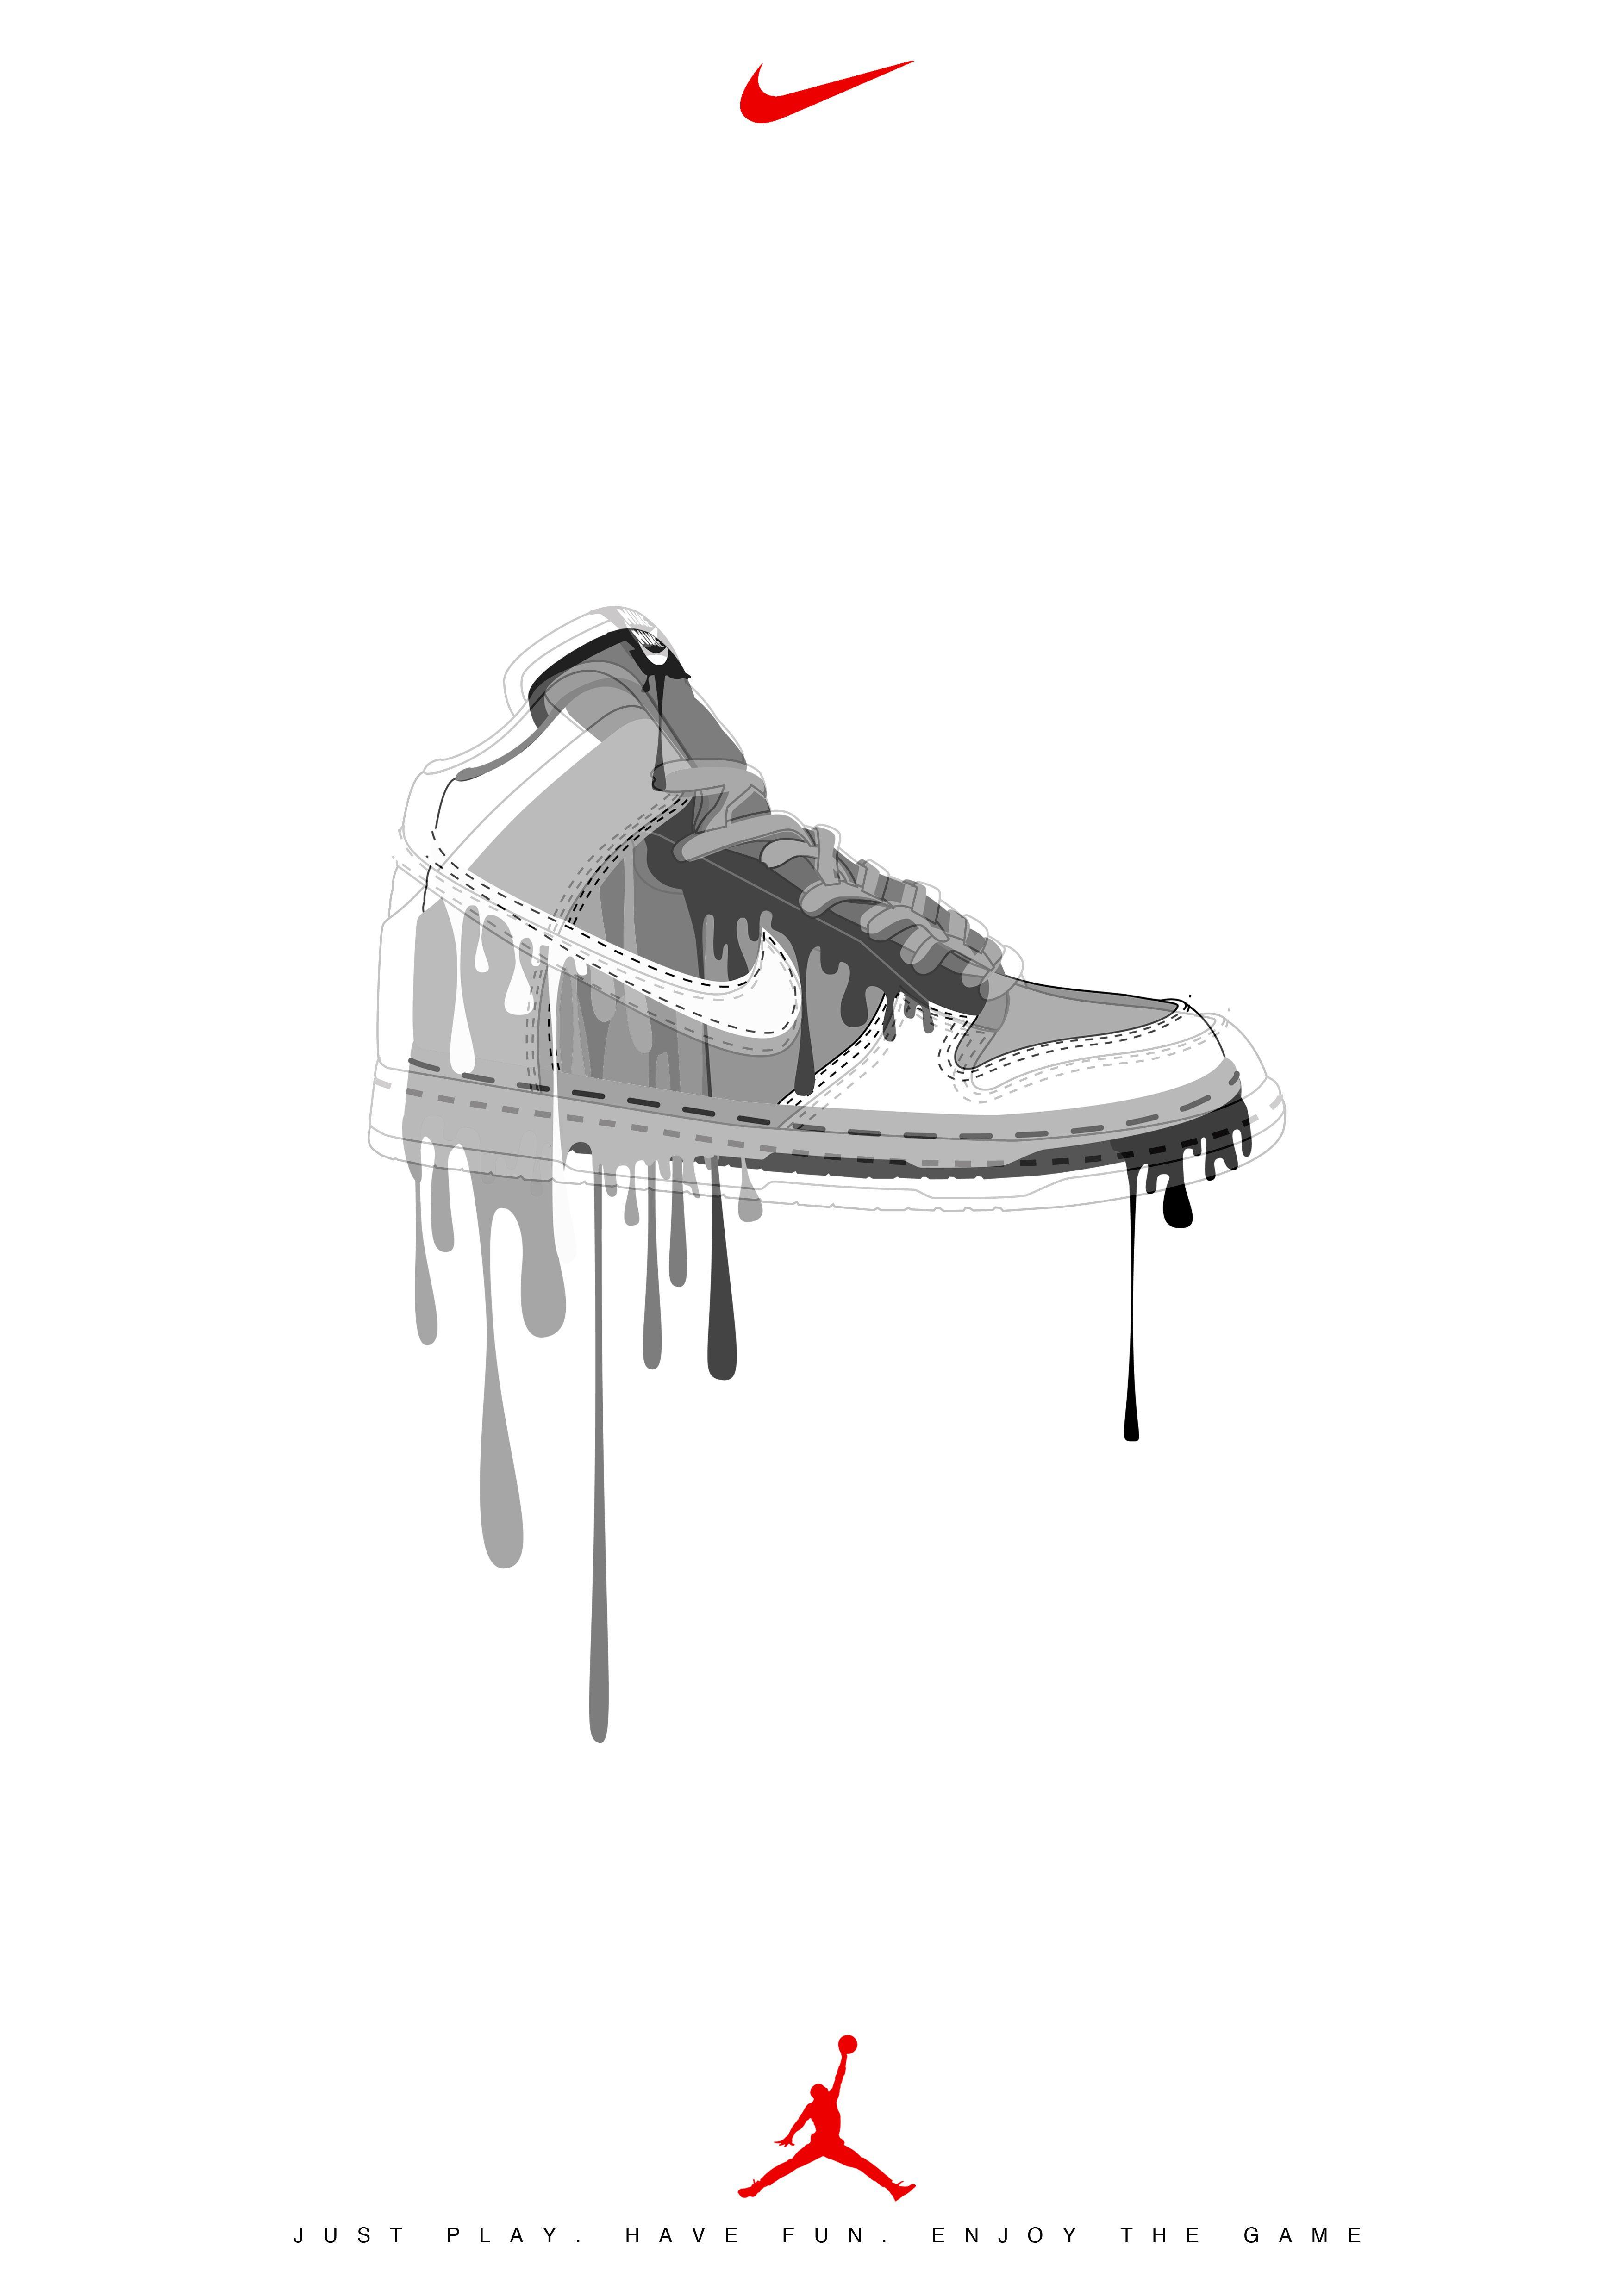 Advertising おしゃれまとめの人気アイデア Pinterest Hiraku Ando 19 Nike 靴 靴イラスト ナイキ